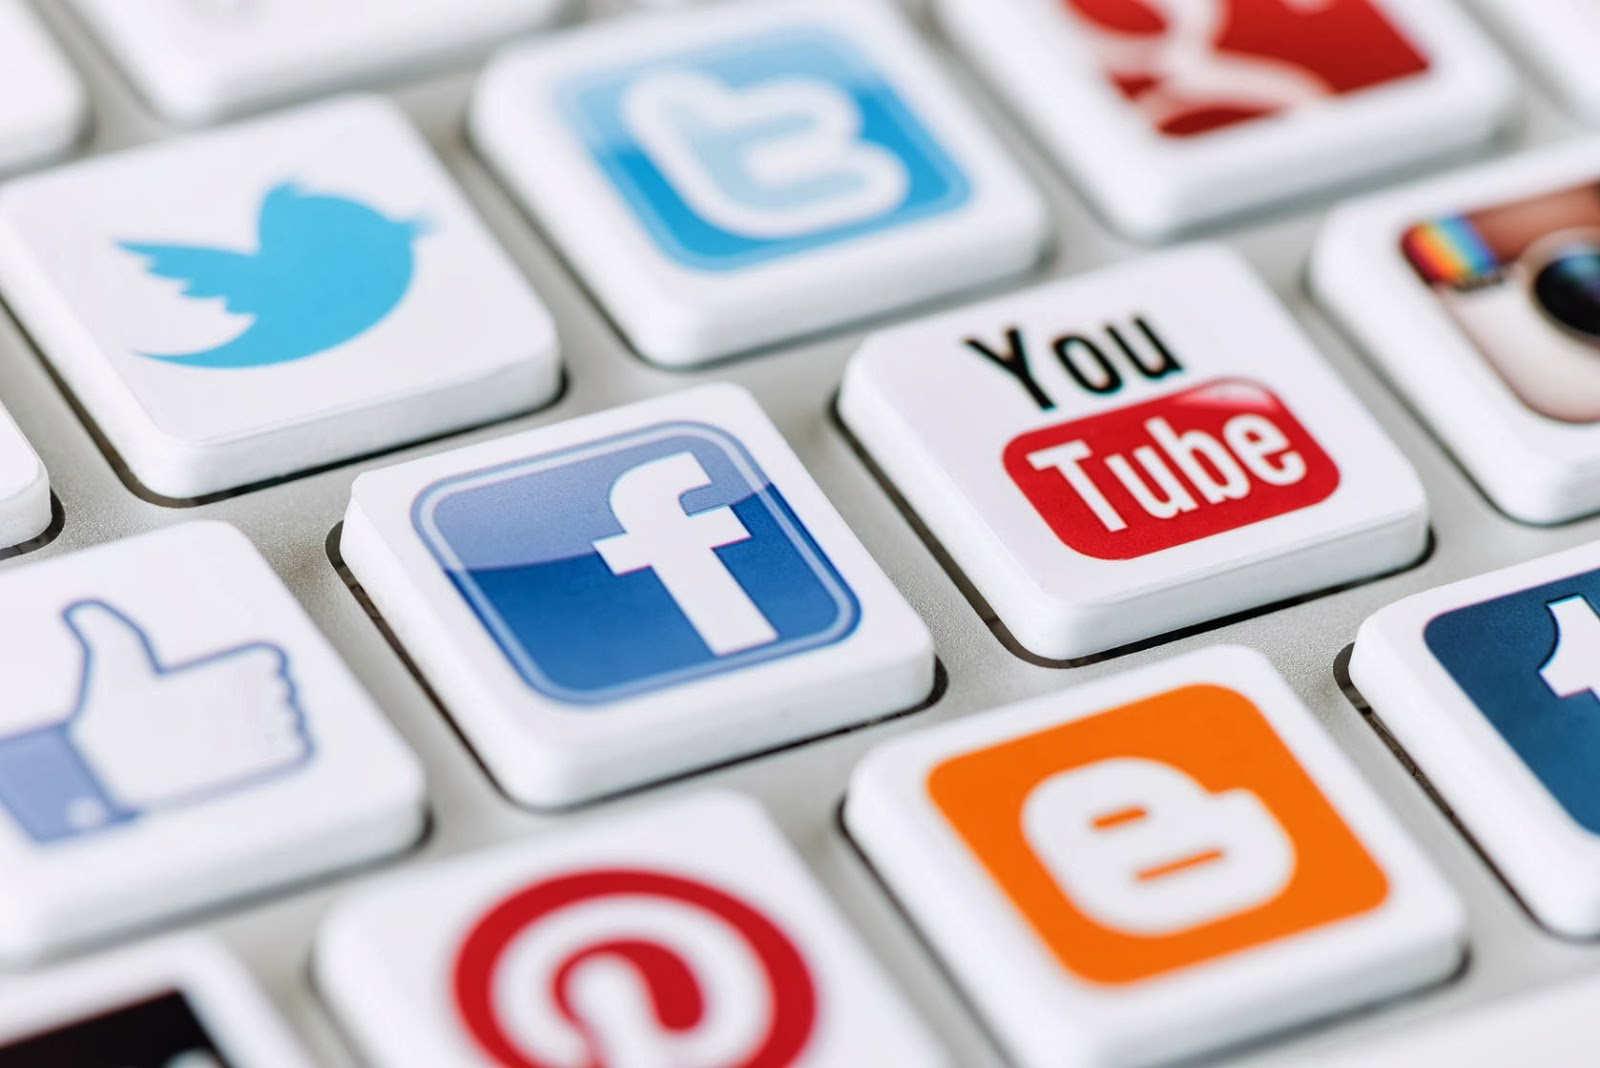 Услуга «Социальные сети» от МТС